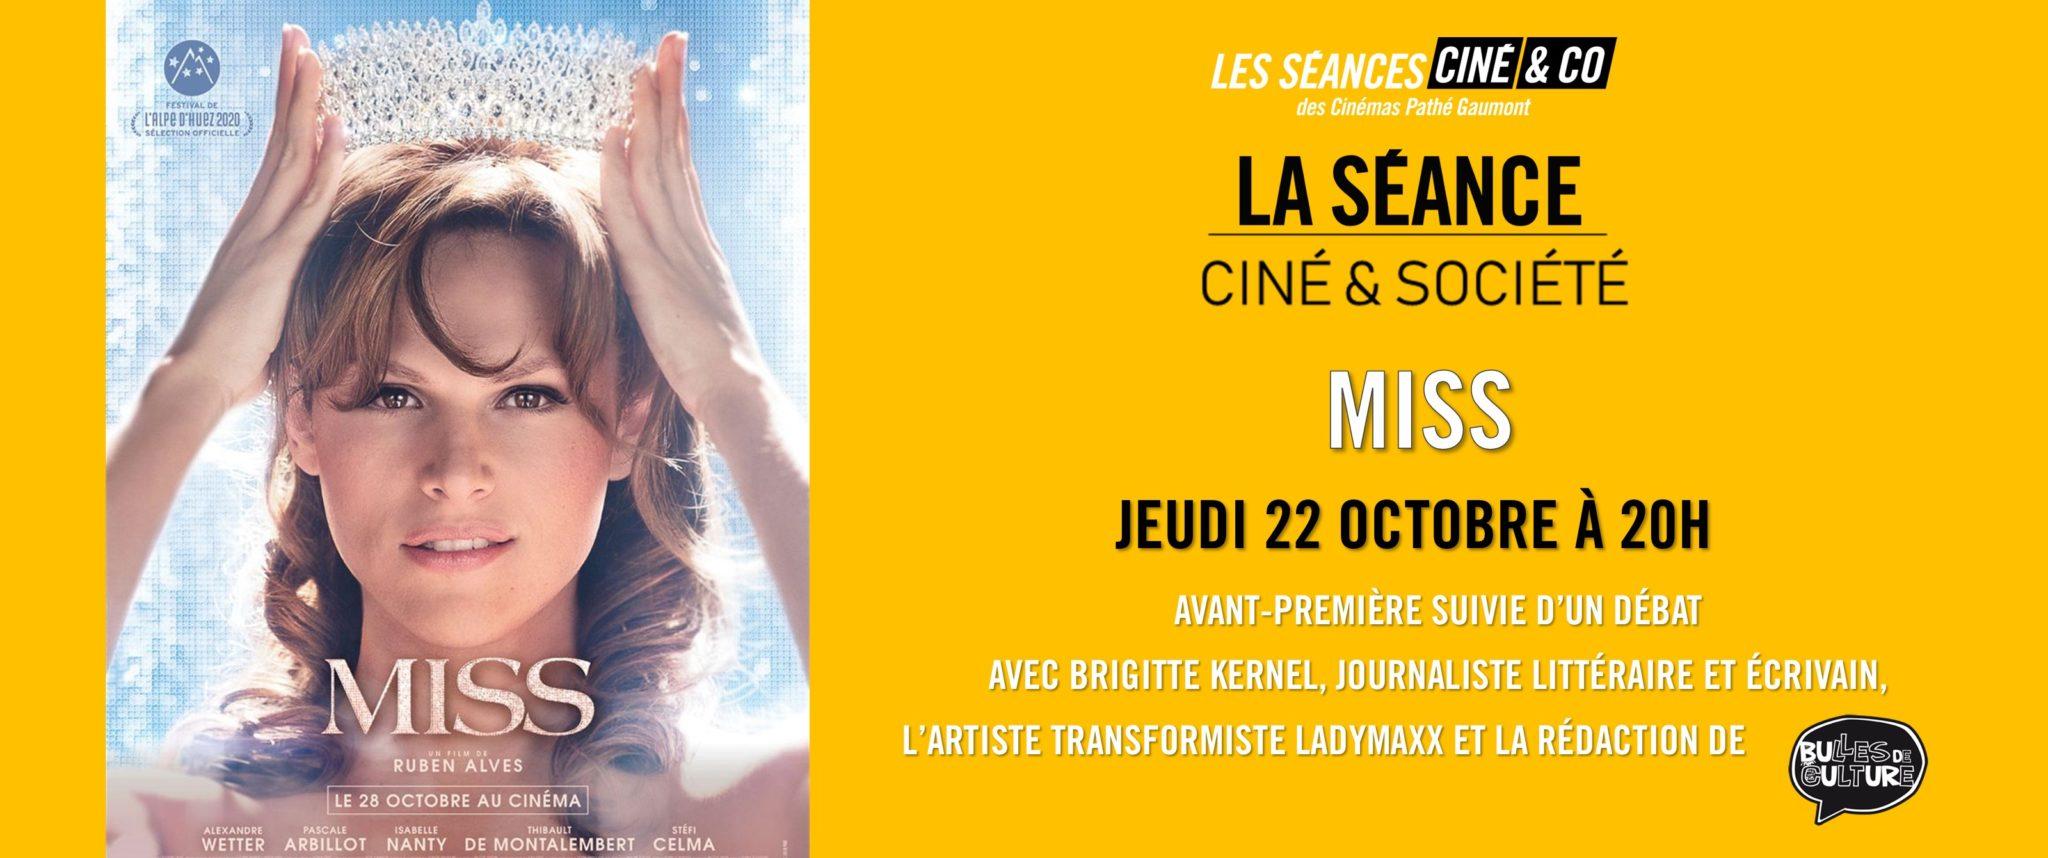 Miss la séance cine et société_miss interséance